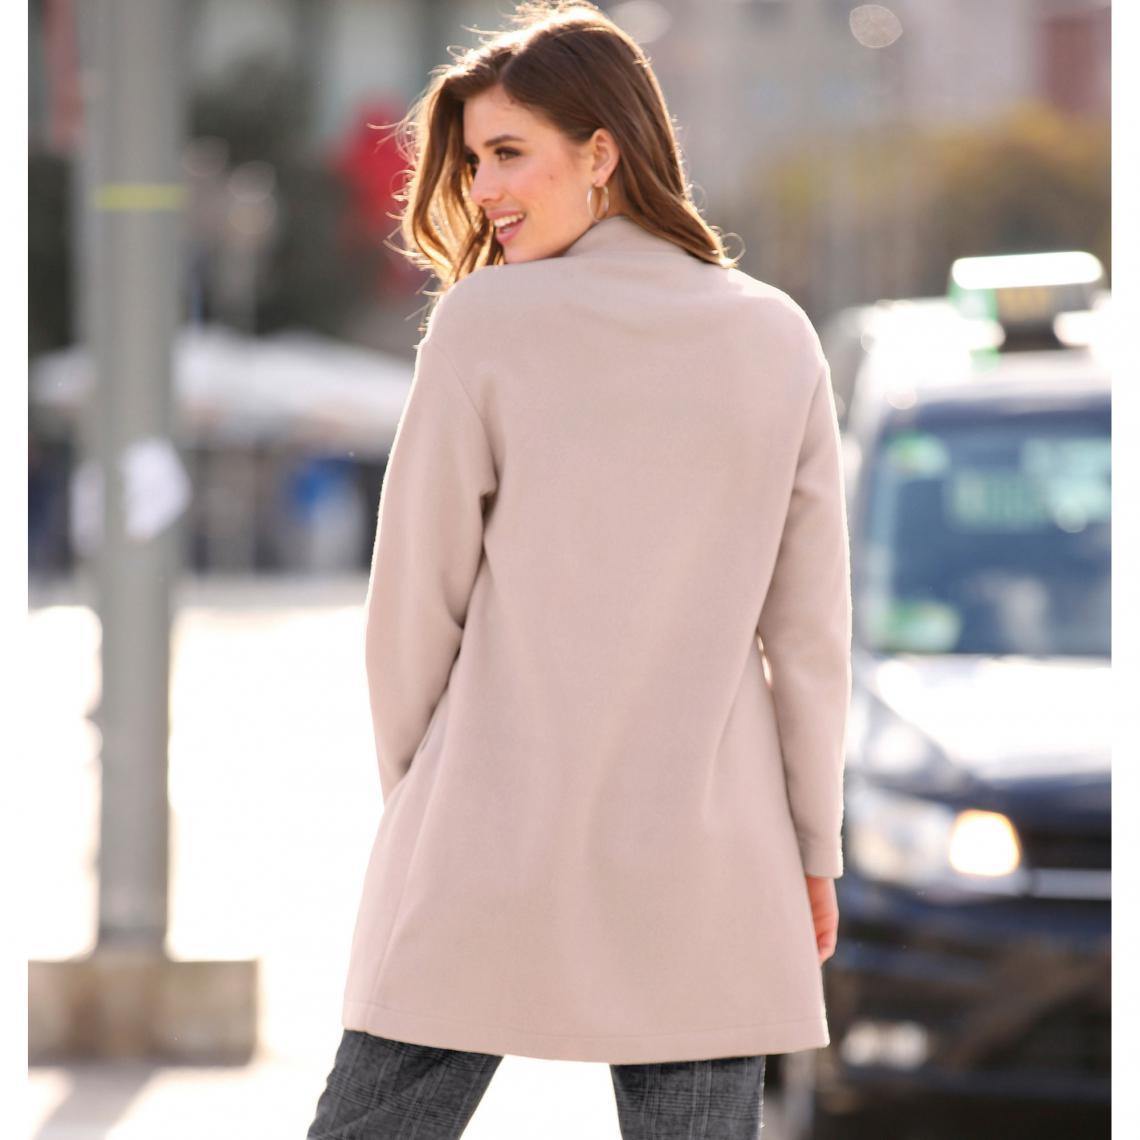 Manteau Zippé Femme Longues 3suisses Arrondi Exclusivité Manches Col rrwqZRxfT